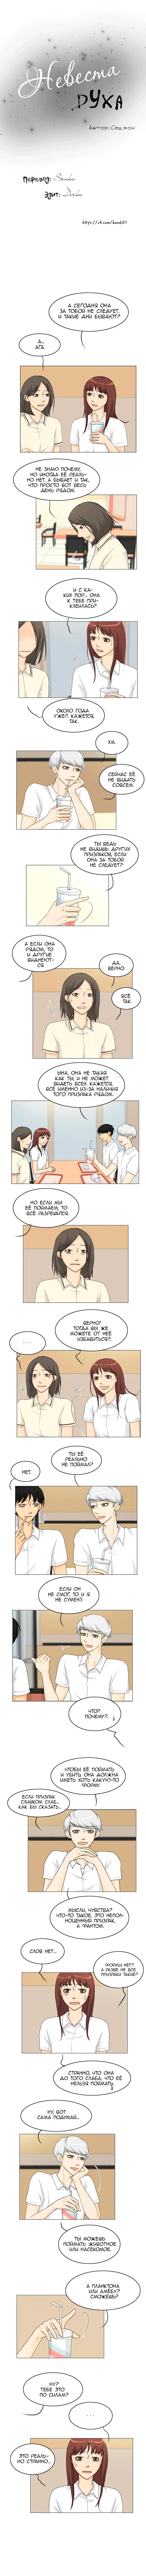 https://r1.ninemanga.com/comics/pic2/8/31048/426354/1535044382629.png Page 1